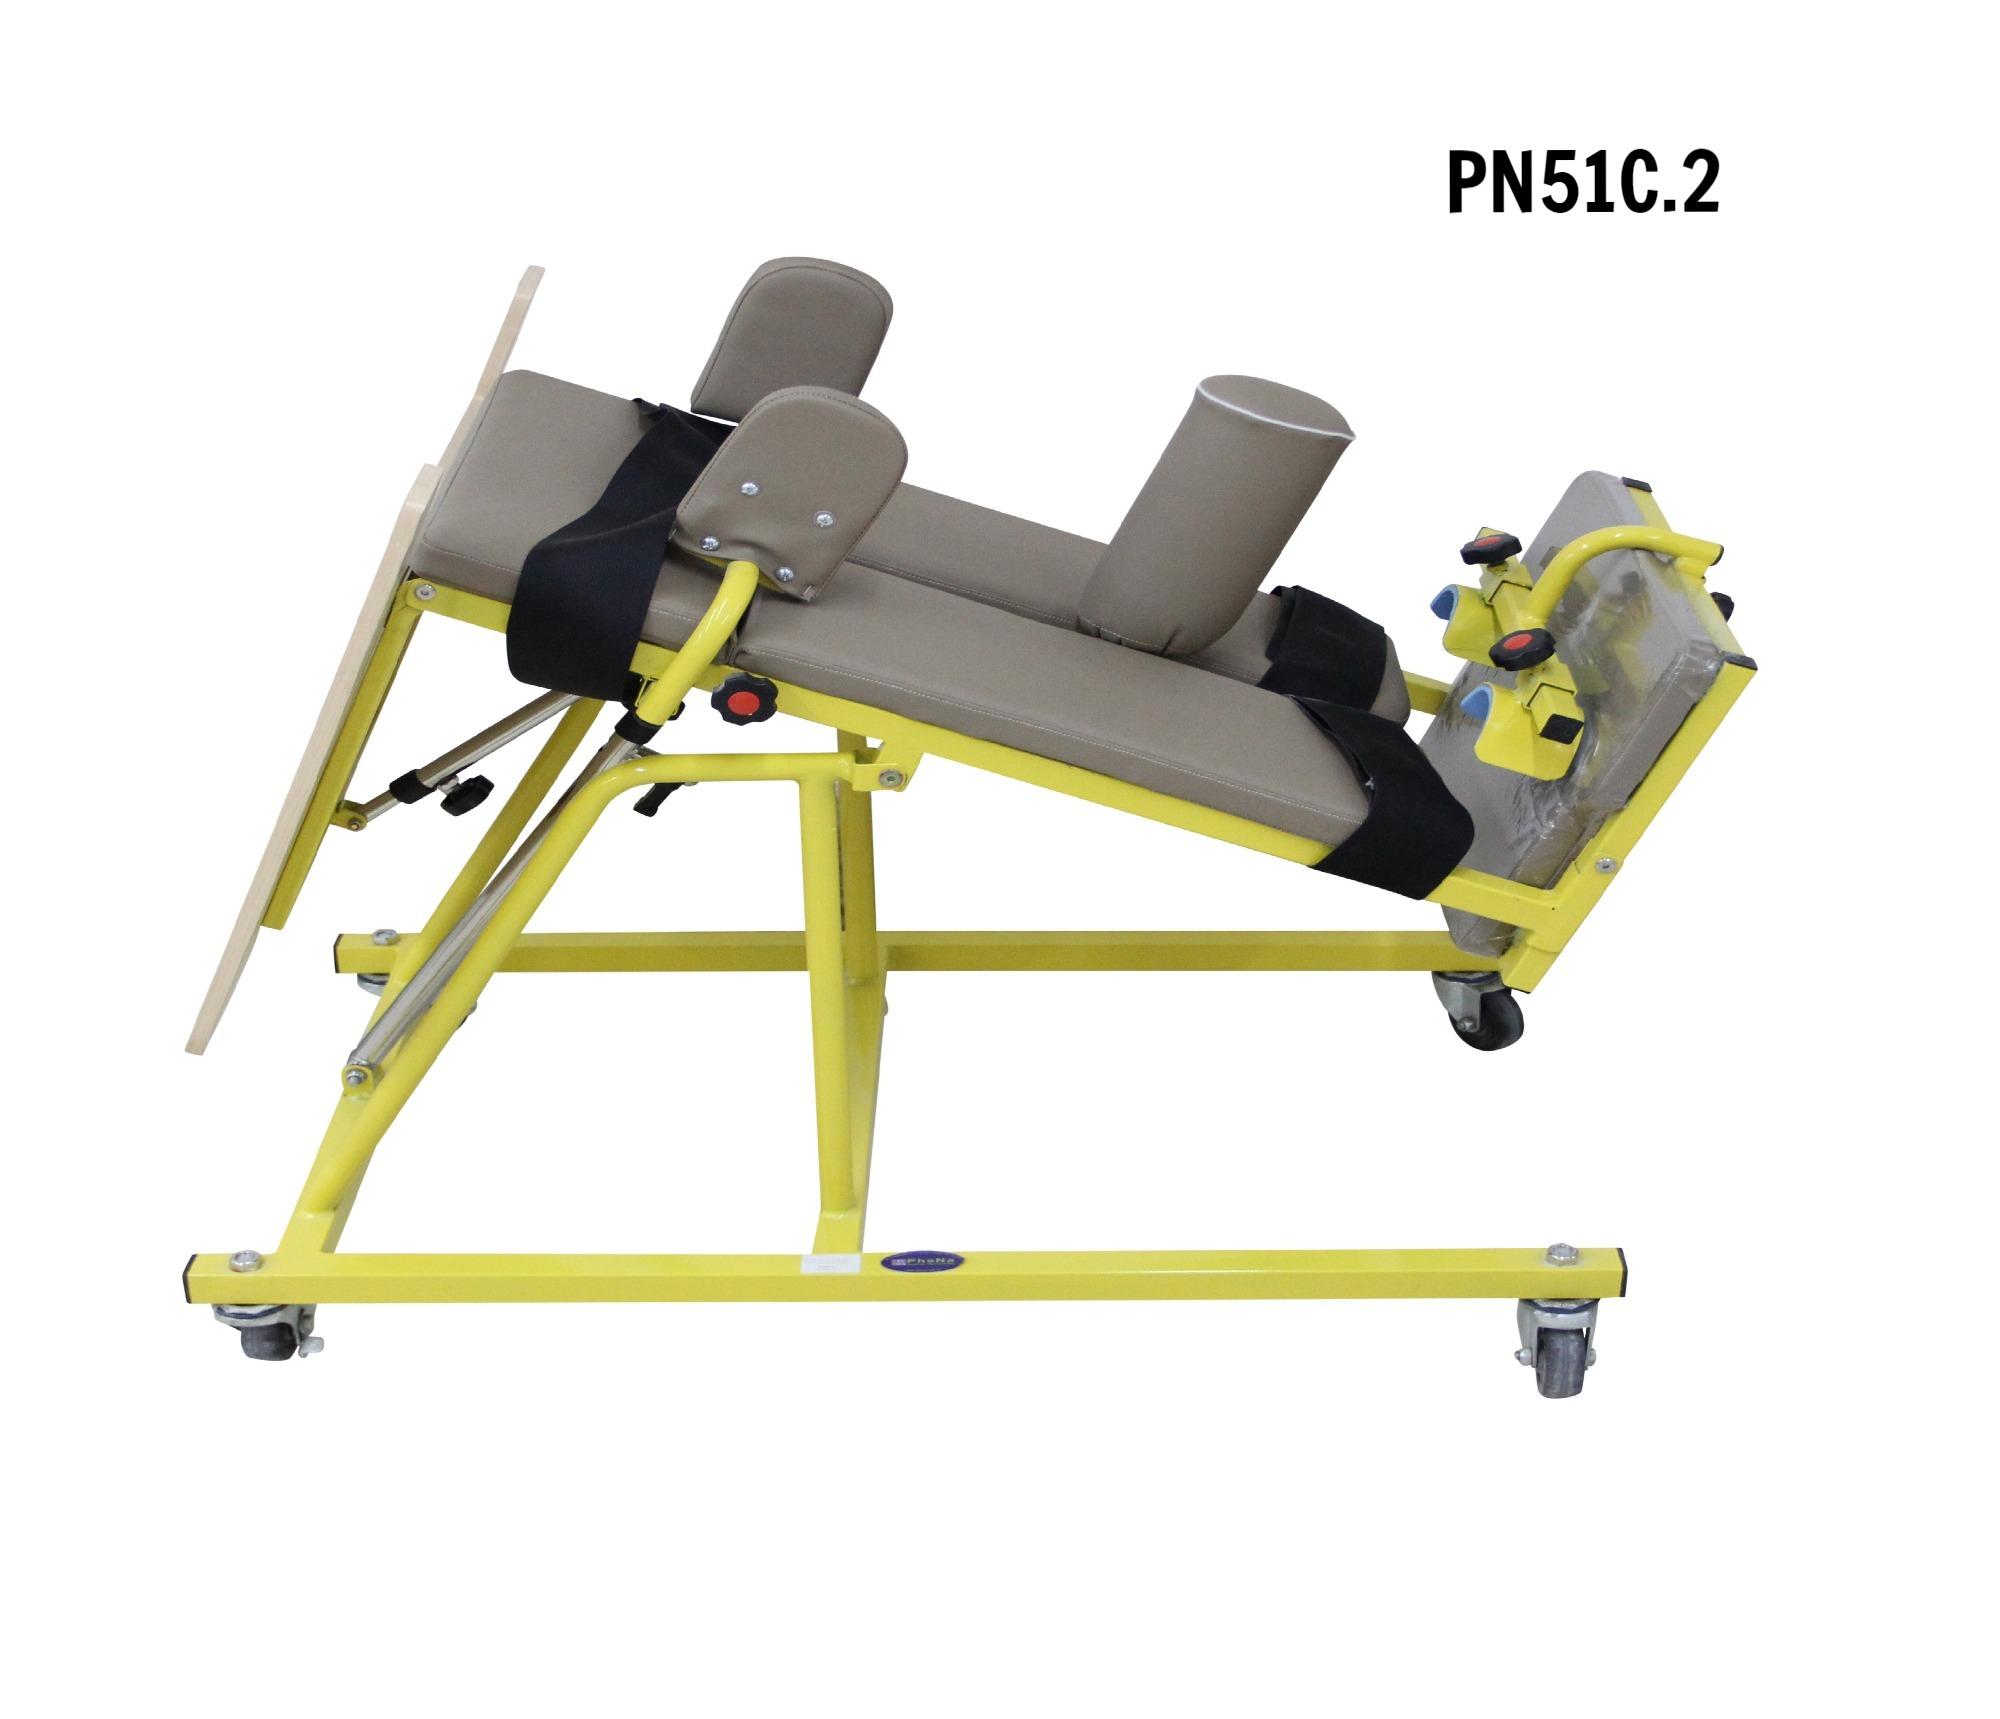 PN51C.2 - Bàn tập đứng bại não sấp loại cao có ụ ngồi